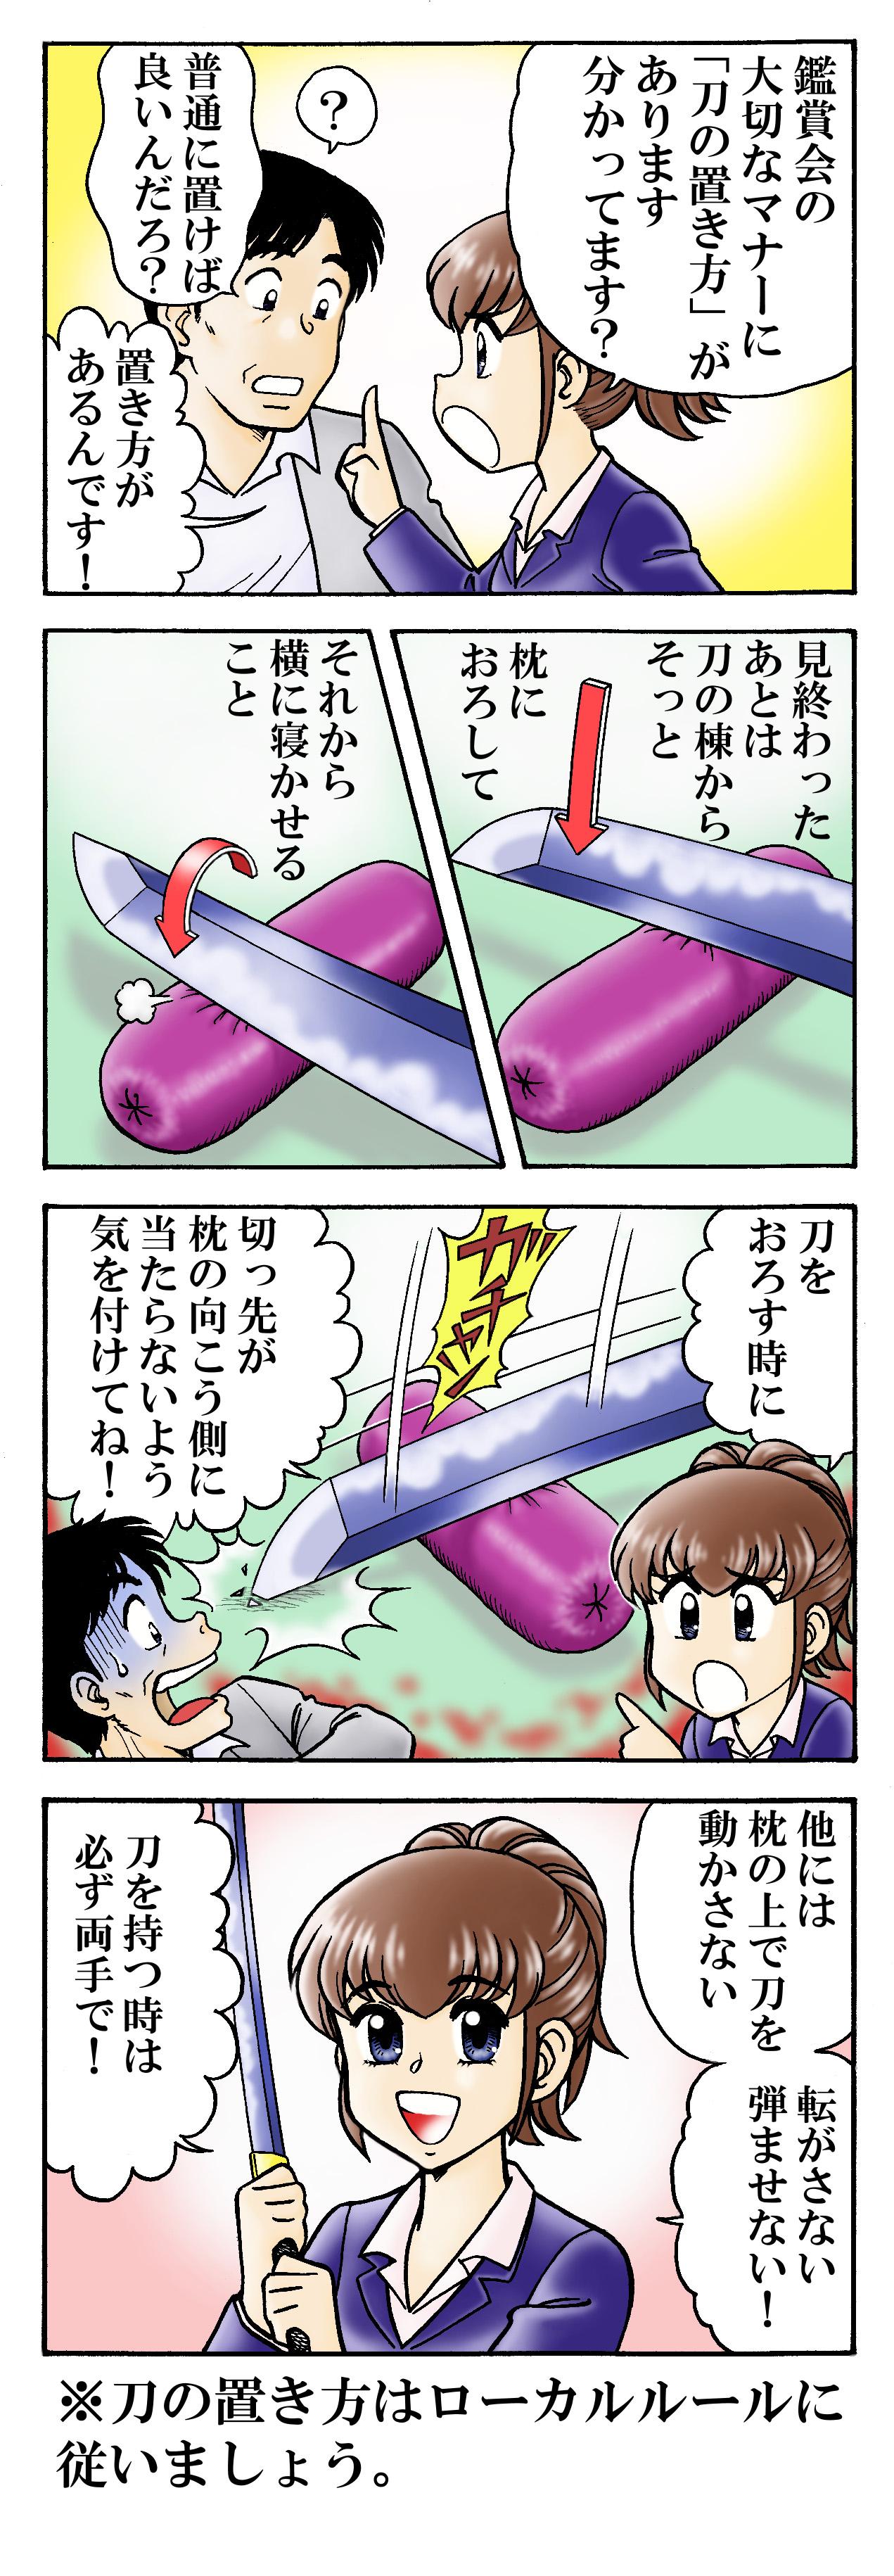 日本刀マナー講座その1